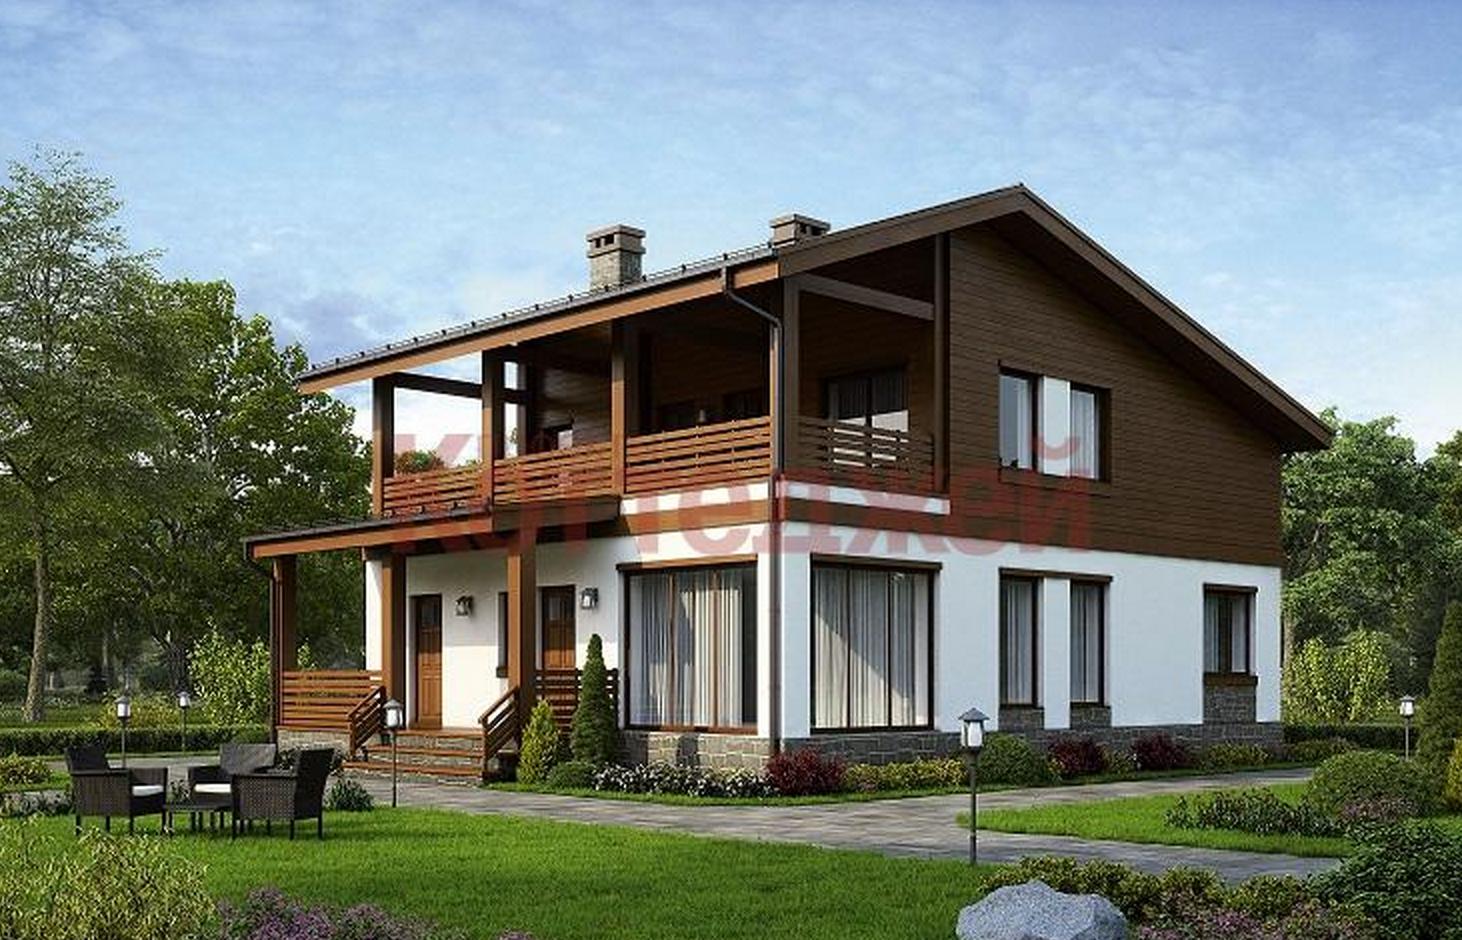 Двухэтажный дом с лоджией.